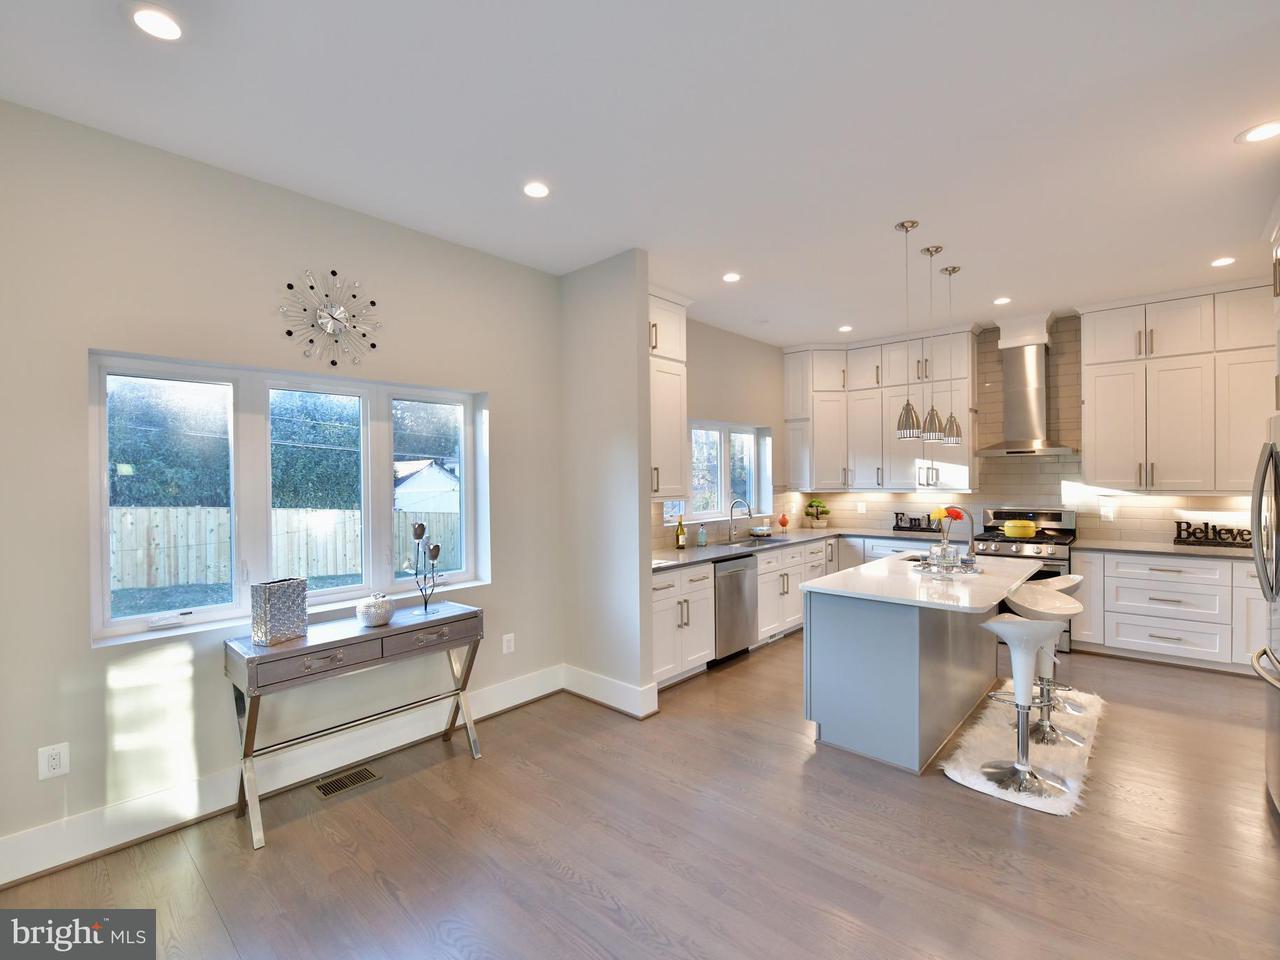 Einfamilienhaus für Verkauf beim 215 Greenway Blvd W 215 Greenway Blvd W Falls Church, Virginia 22046 Vereinigte Staaten